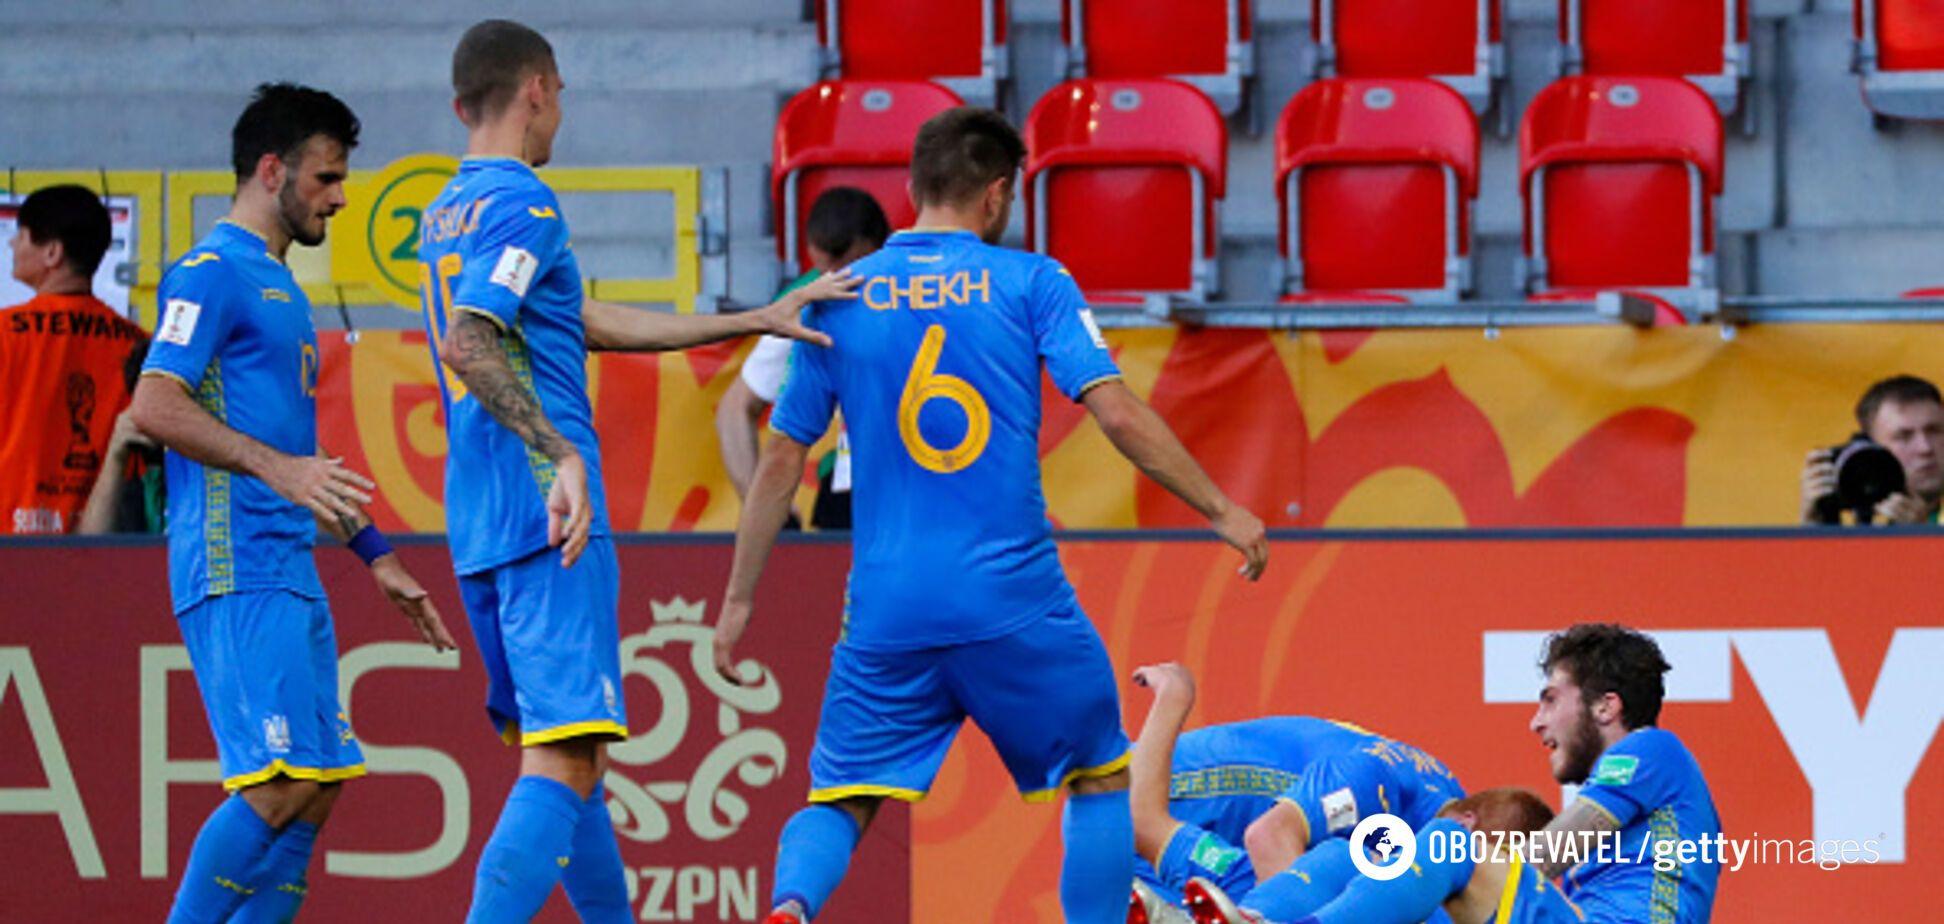 'Превосходное выступление': 'Реал' отметил победу Украины на ЧМ по футболу U-20